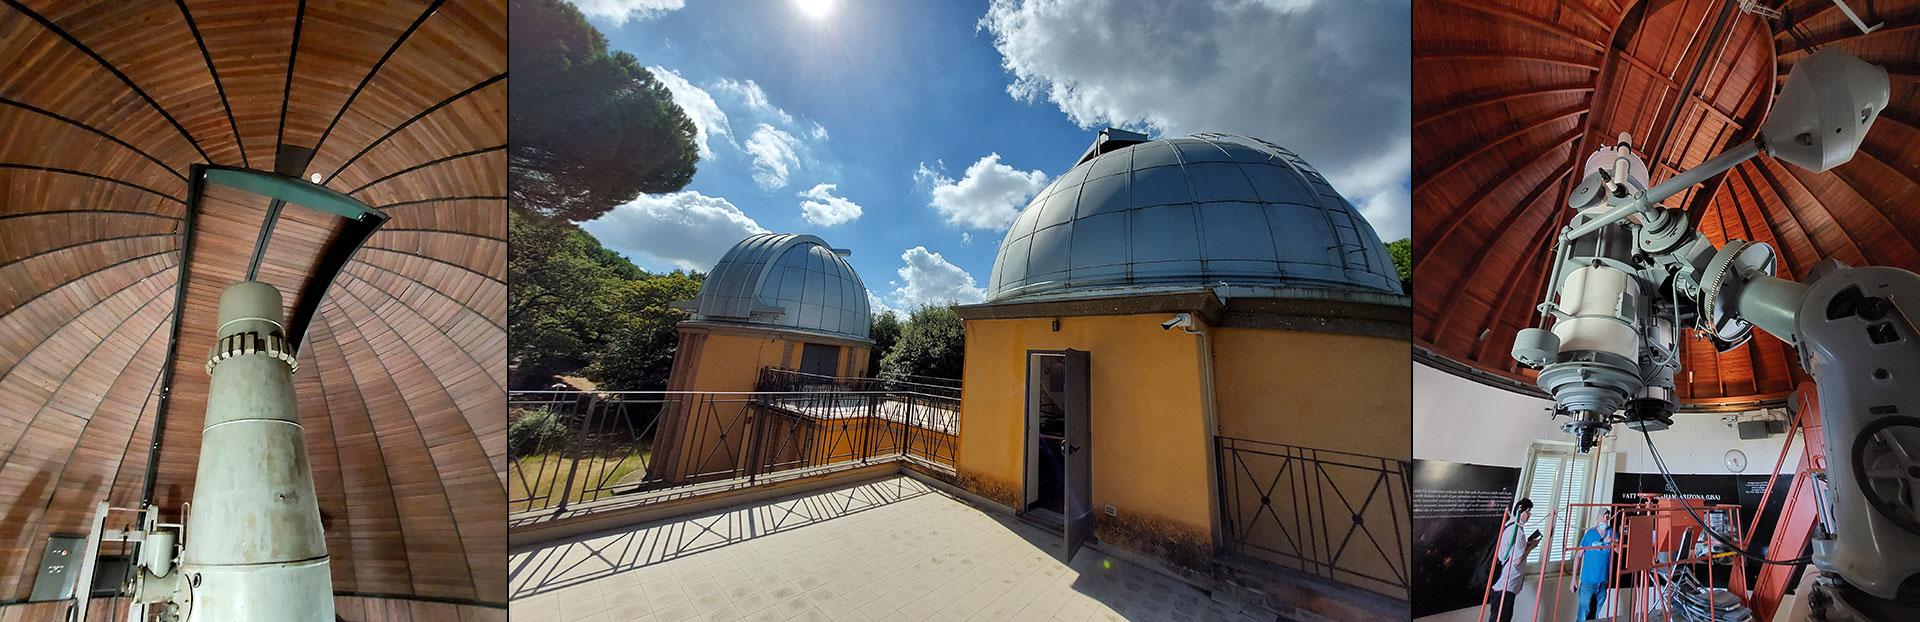 El Observatorio Vaticano: un servicio jesuita a la Iglesia y a la ciencia